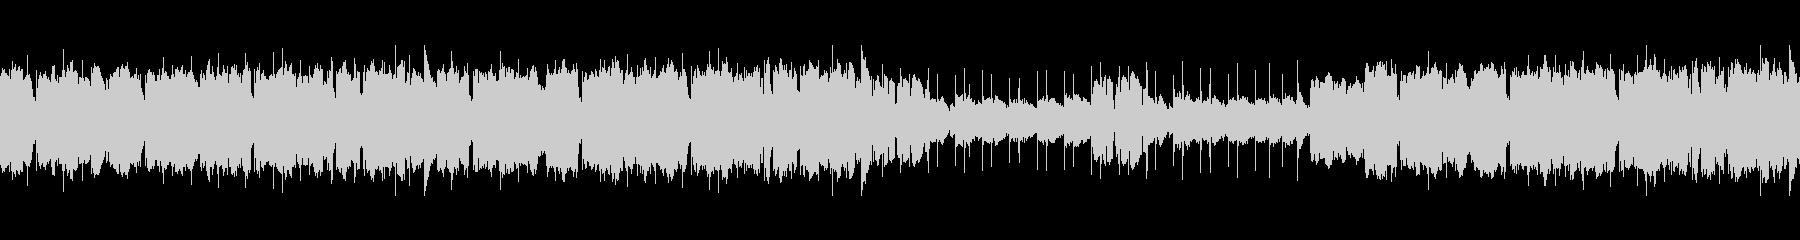 アイリッシュ風のインスト2(ループ)の未再生の波形